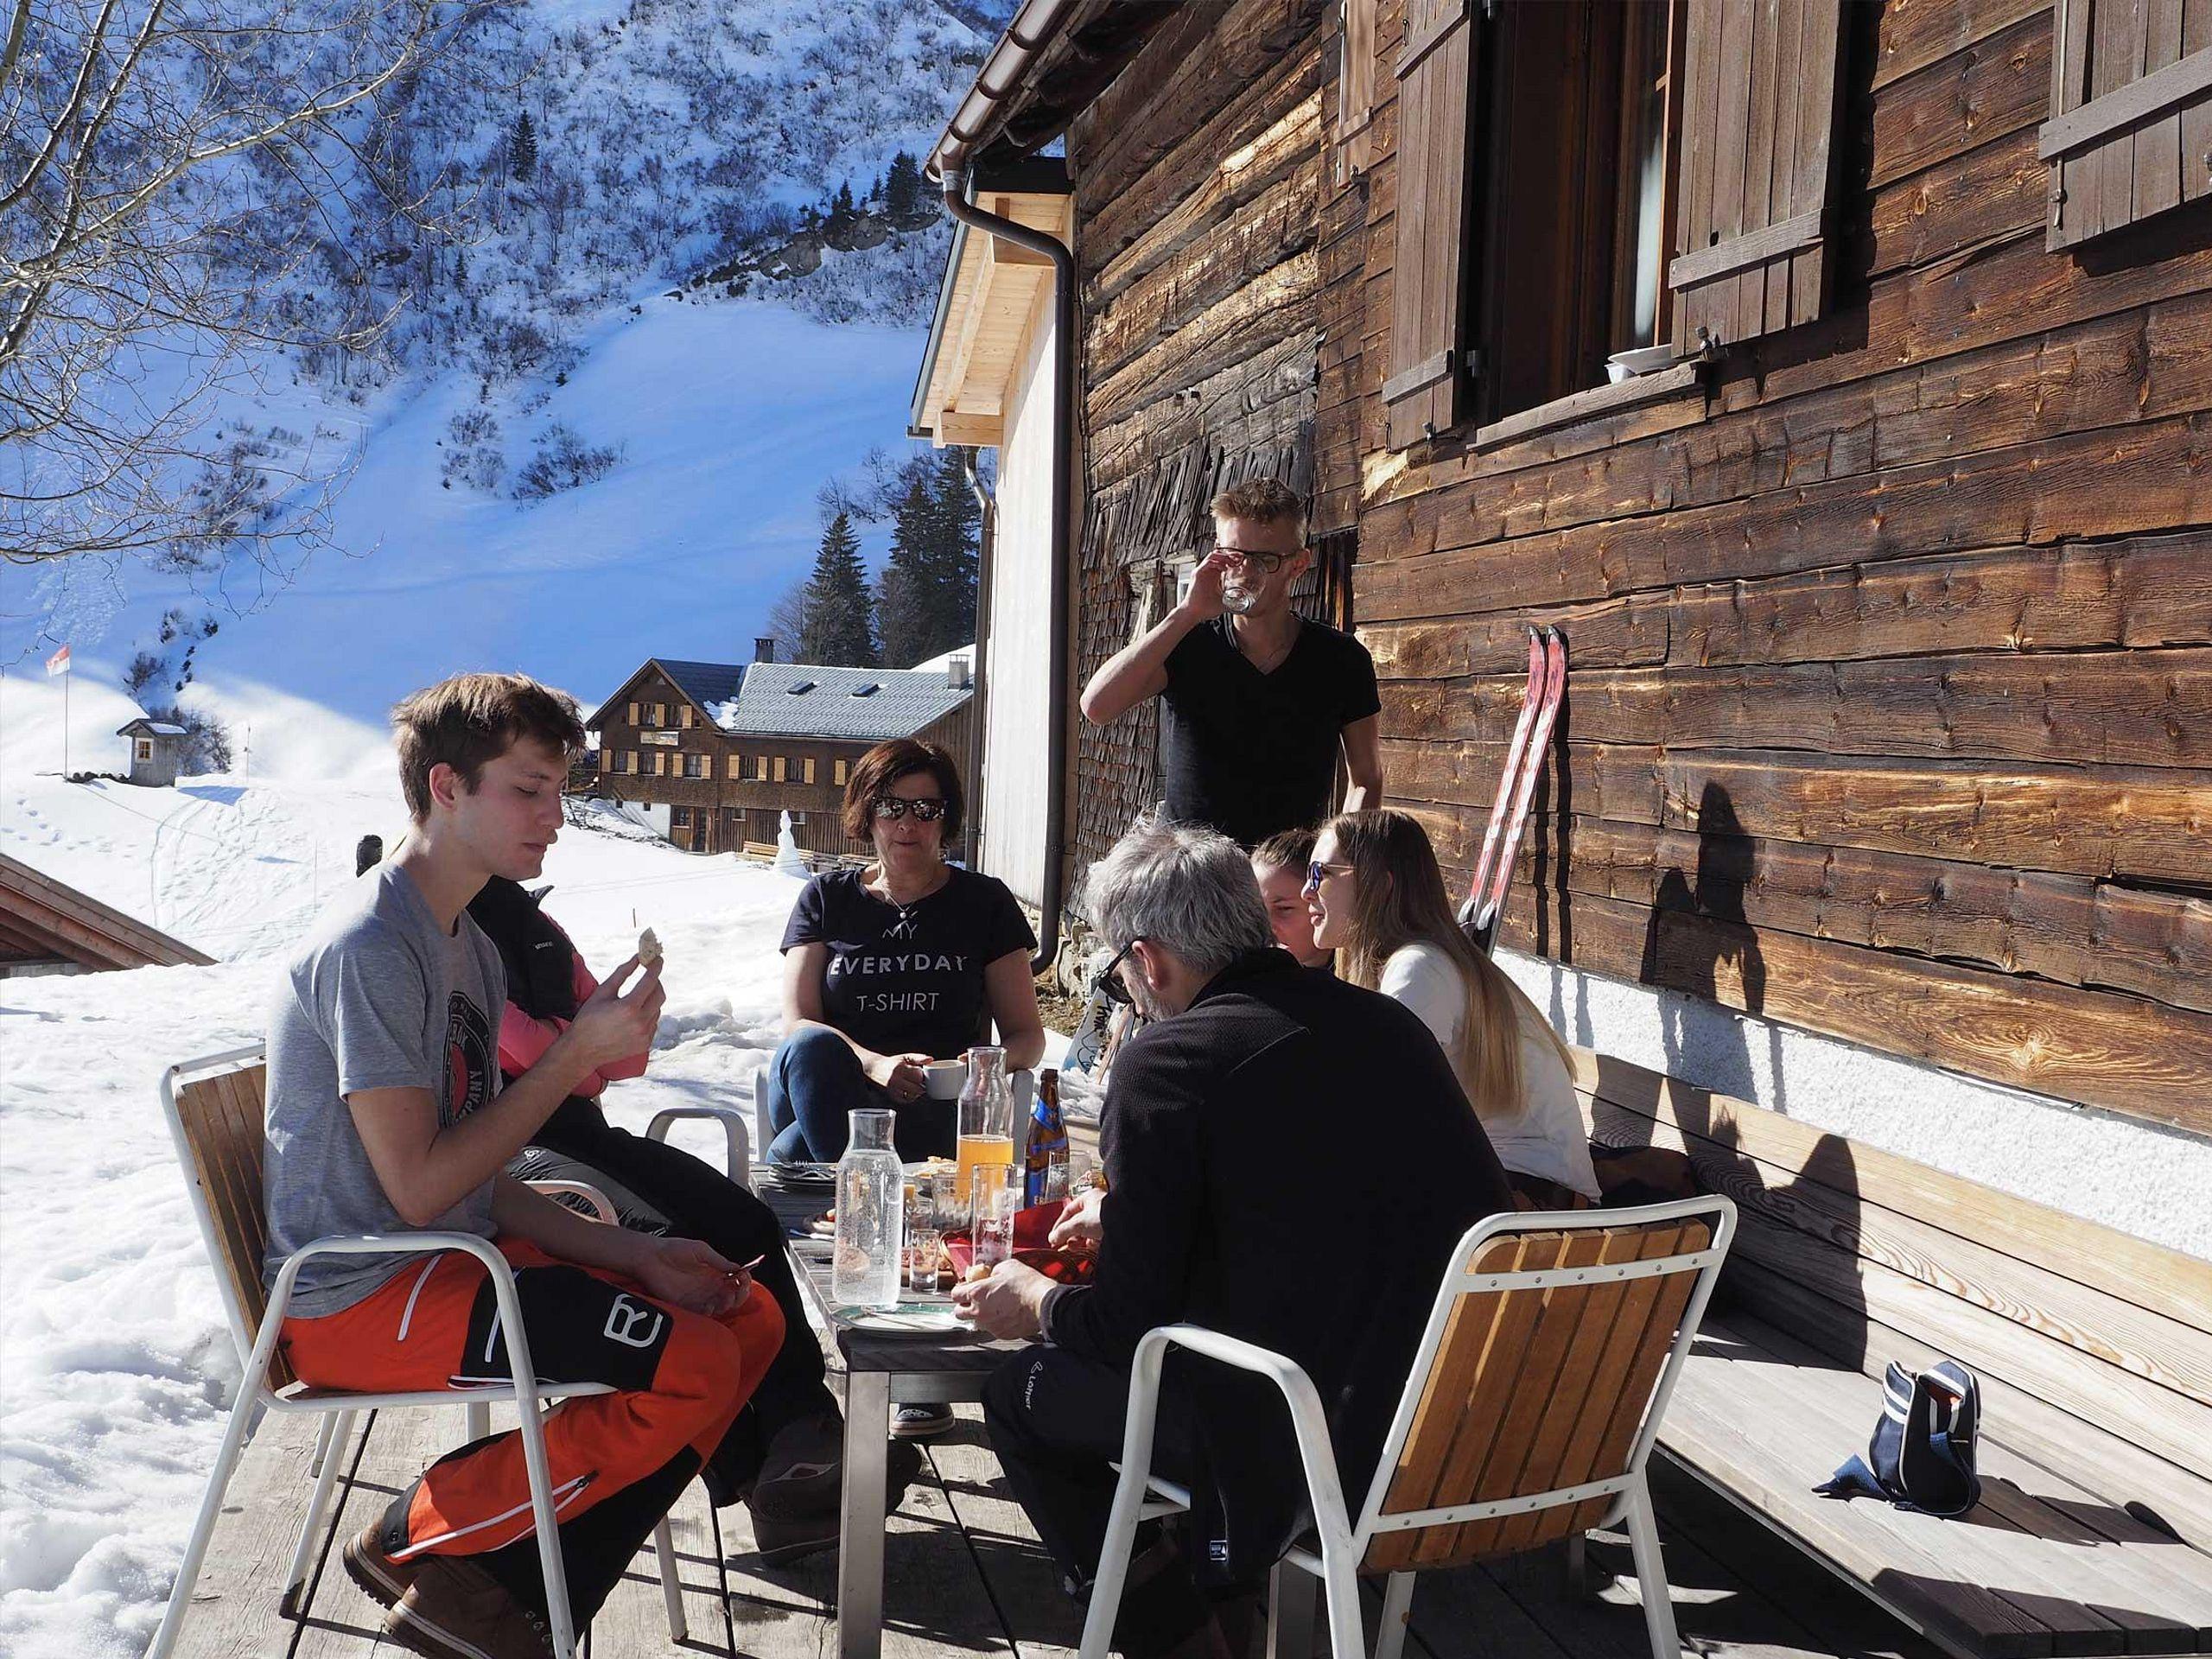 Mittags auf der Terrasse